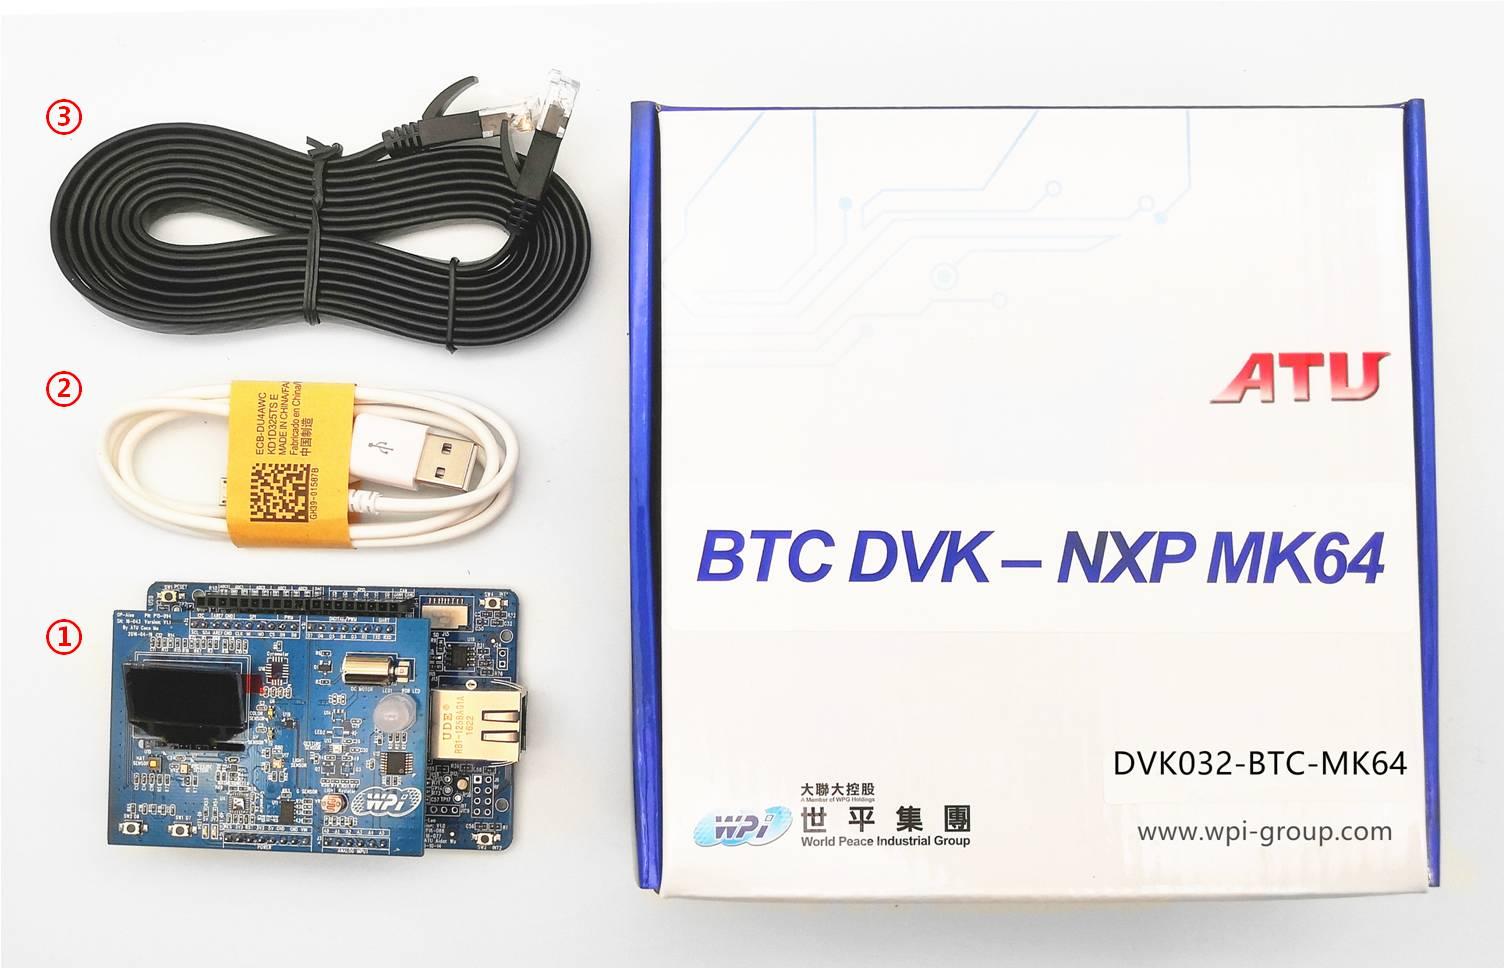 DVK032-BTC-MK64